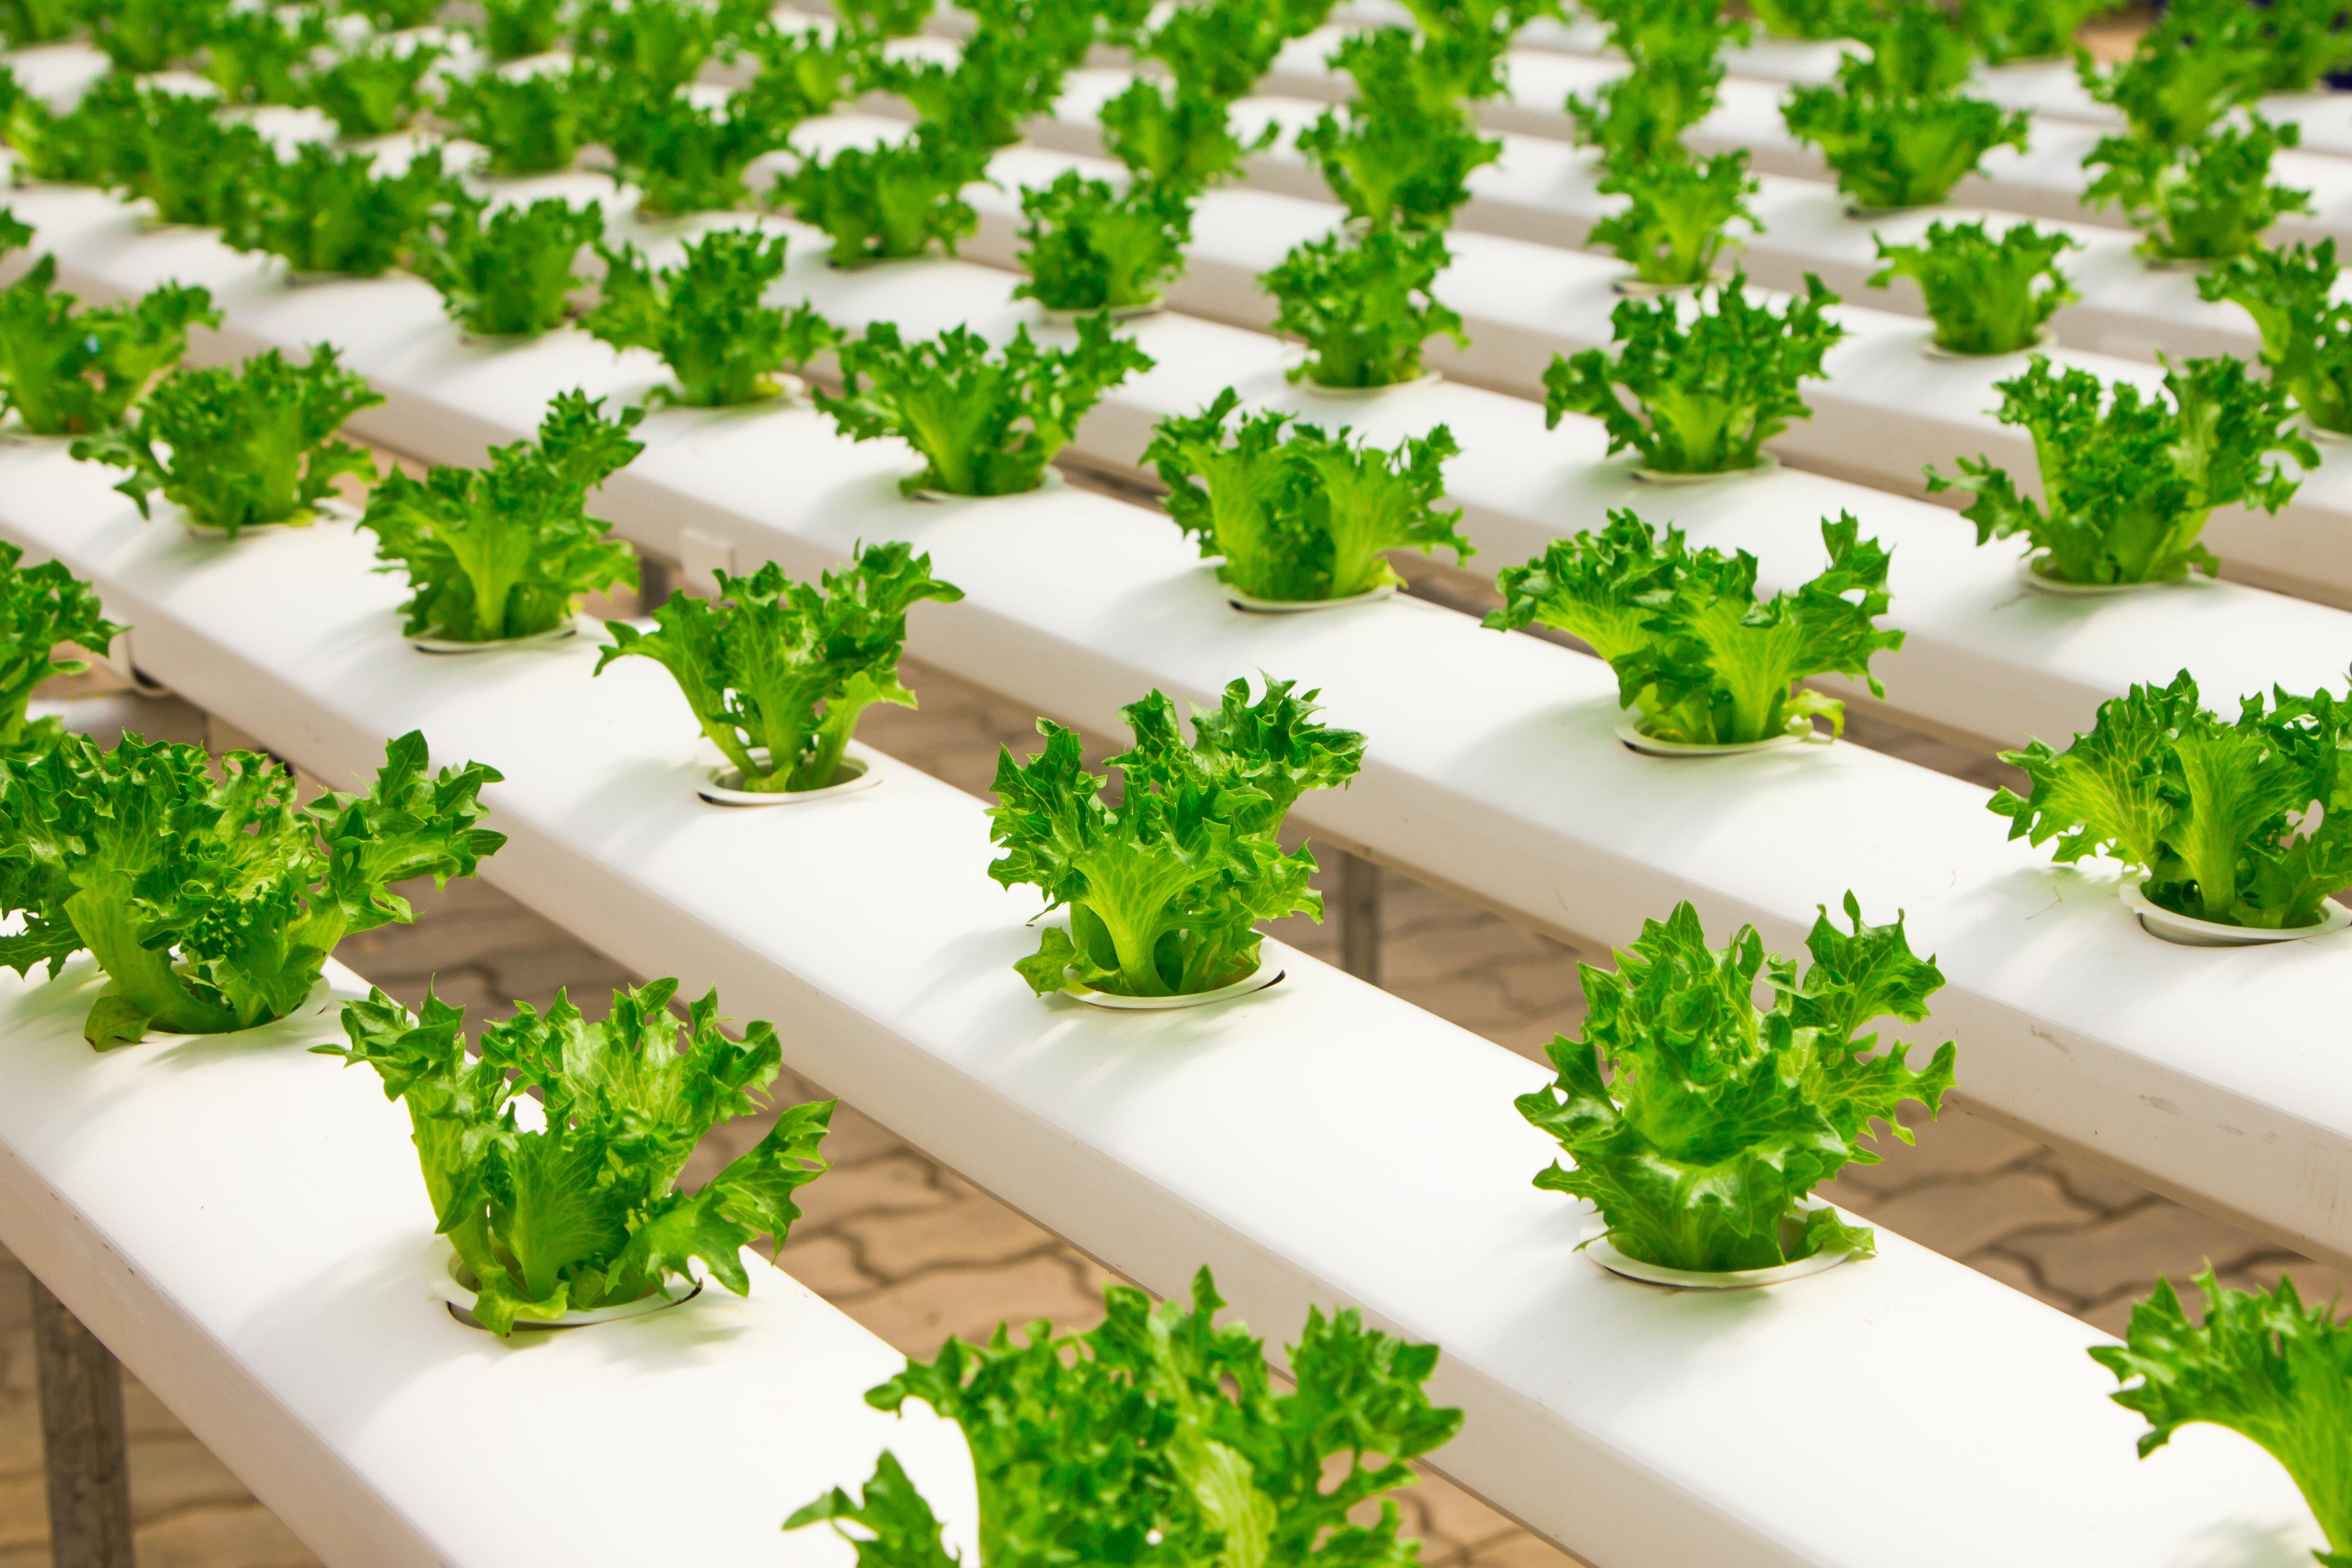 kit-indoor-garden-innovazione-coltivazione-idroponica